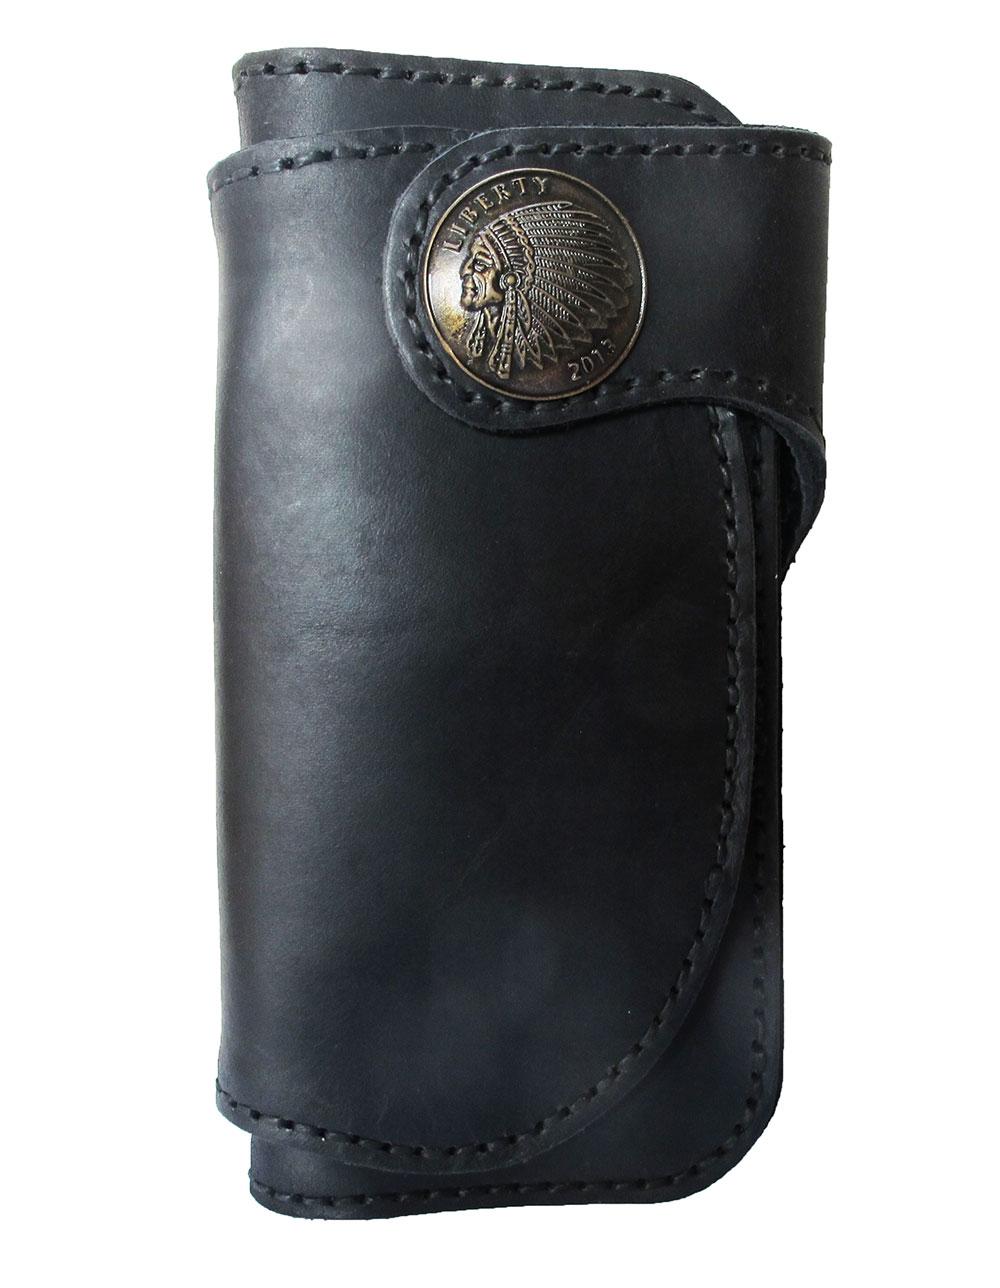 กระเป๋าสตางค์ยาว หนังวัวแท้ เกรด A สีดำ Styles Cow Boy หรูหรา